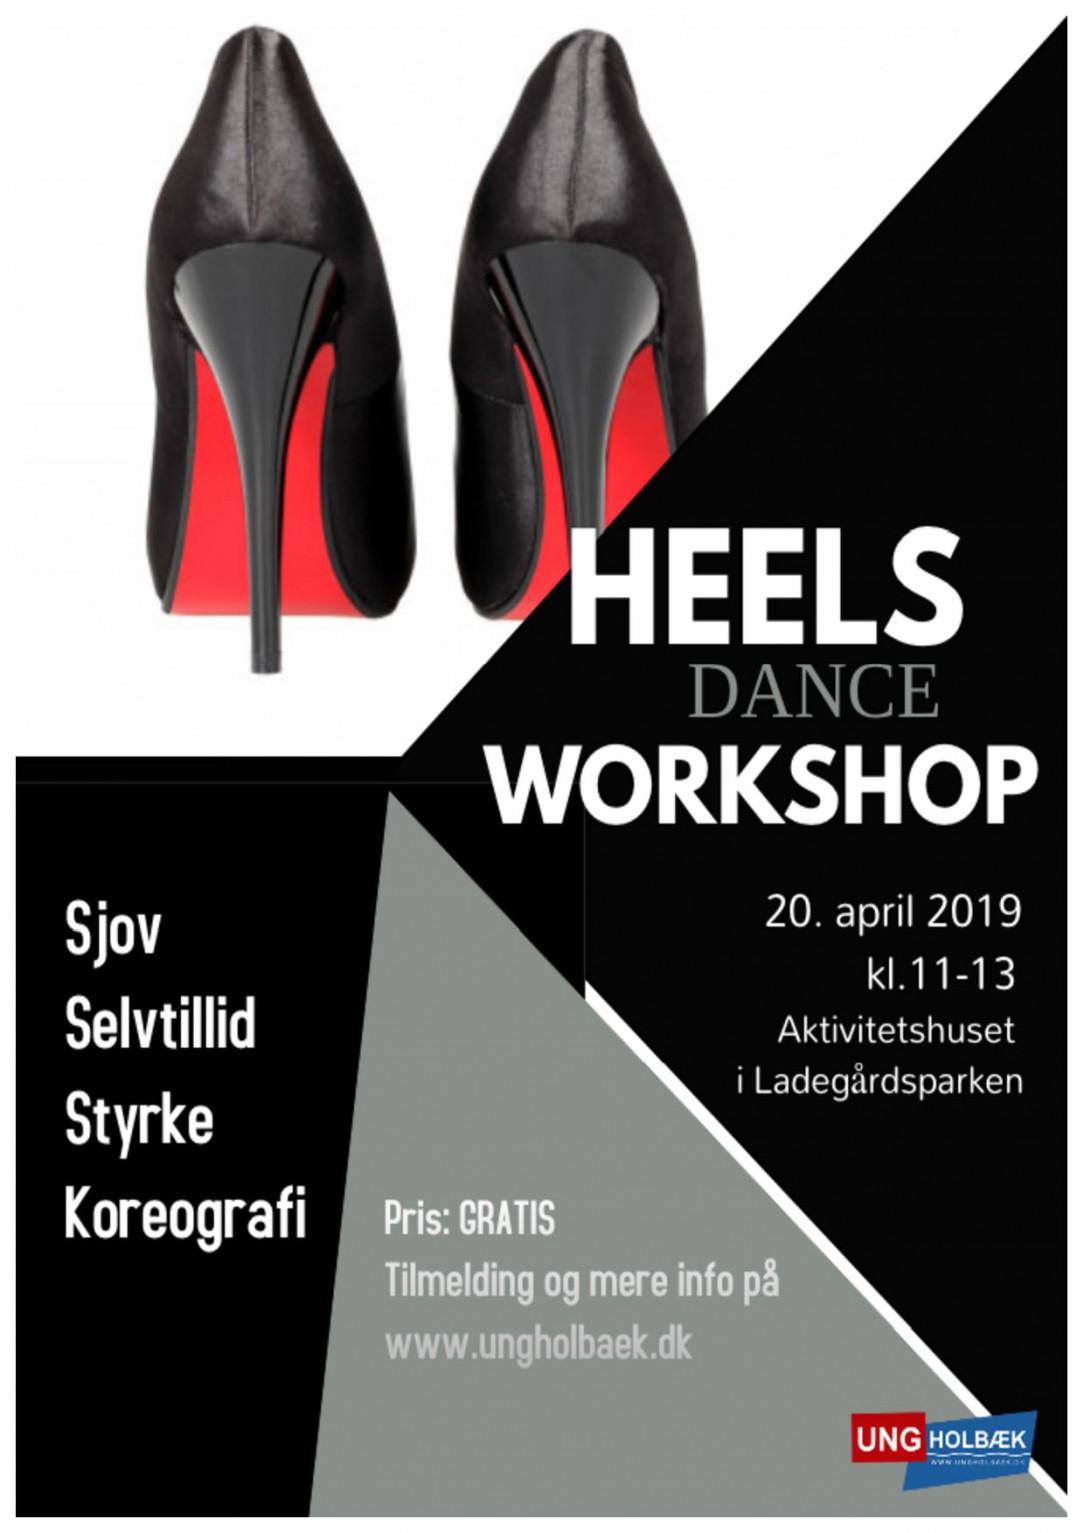 Dance Heels Workshop - Påskeferien 2019